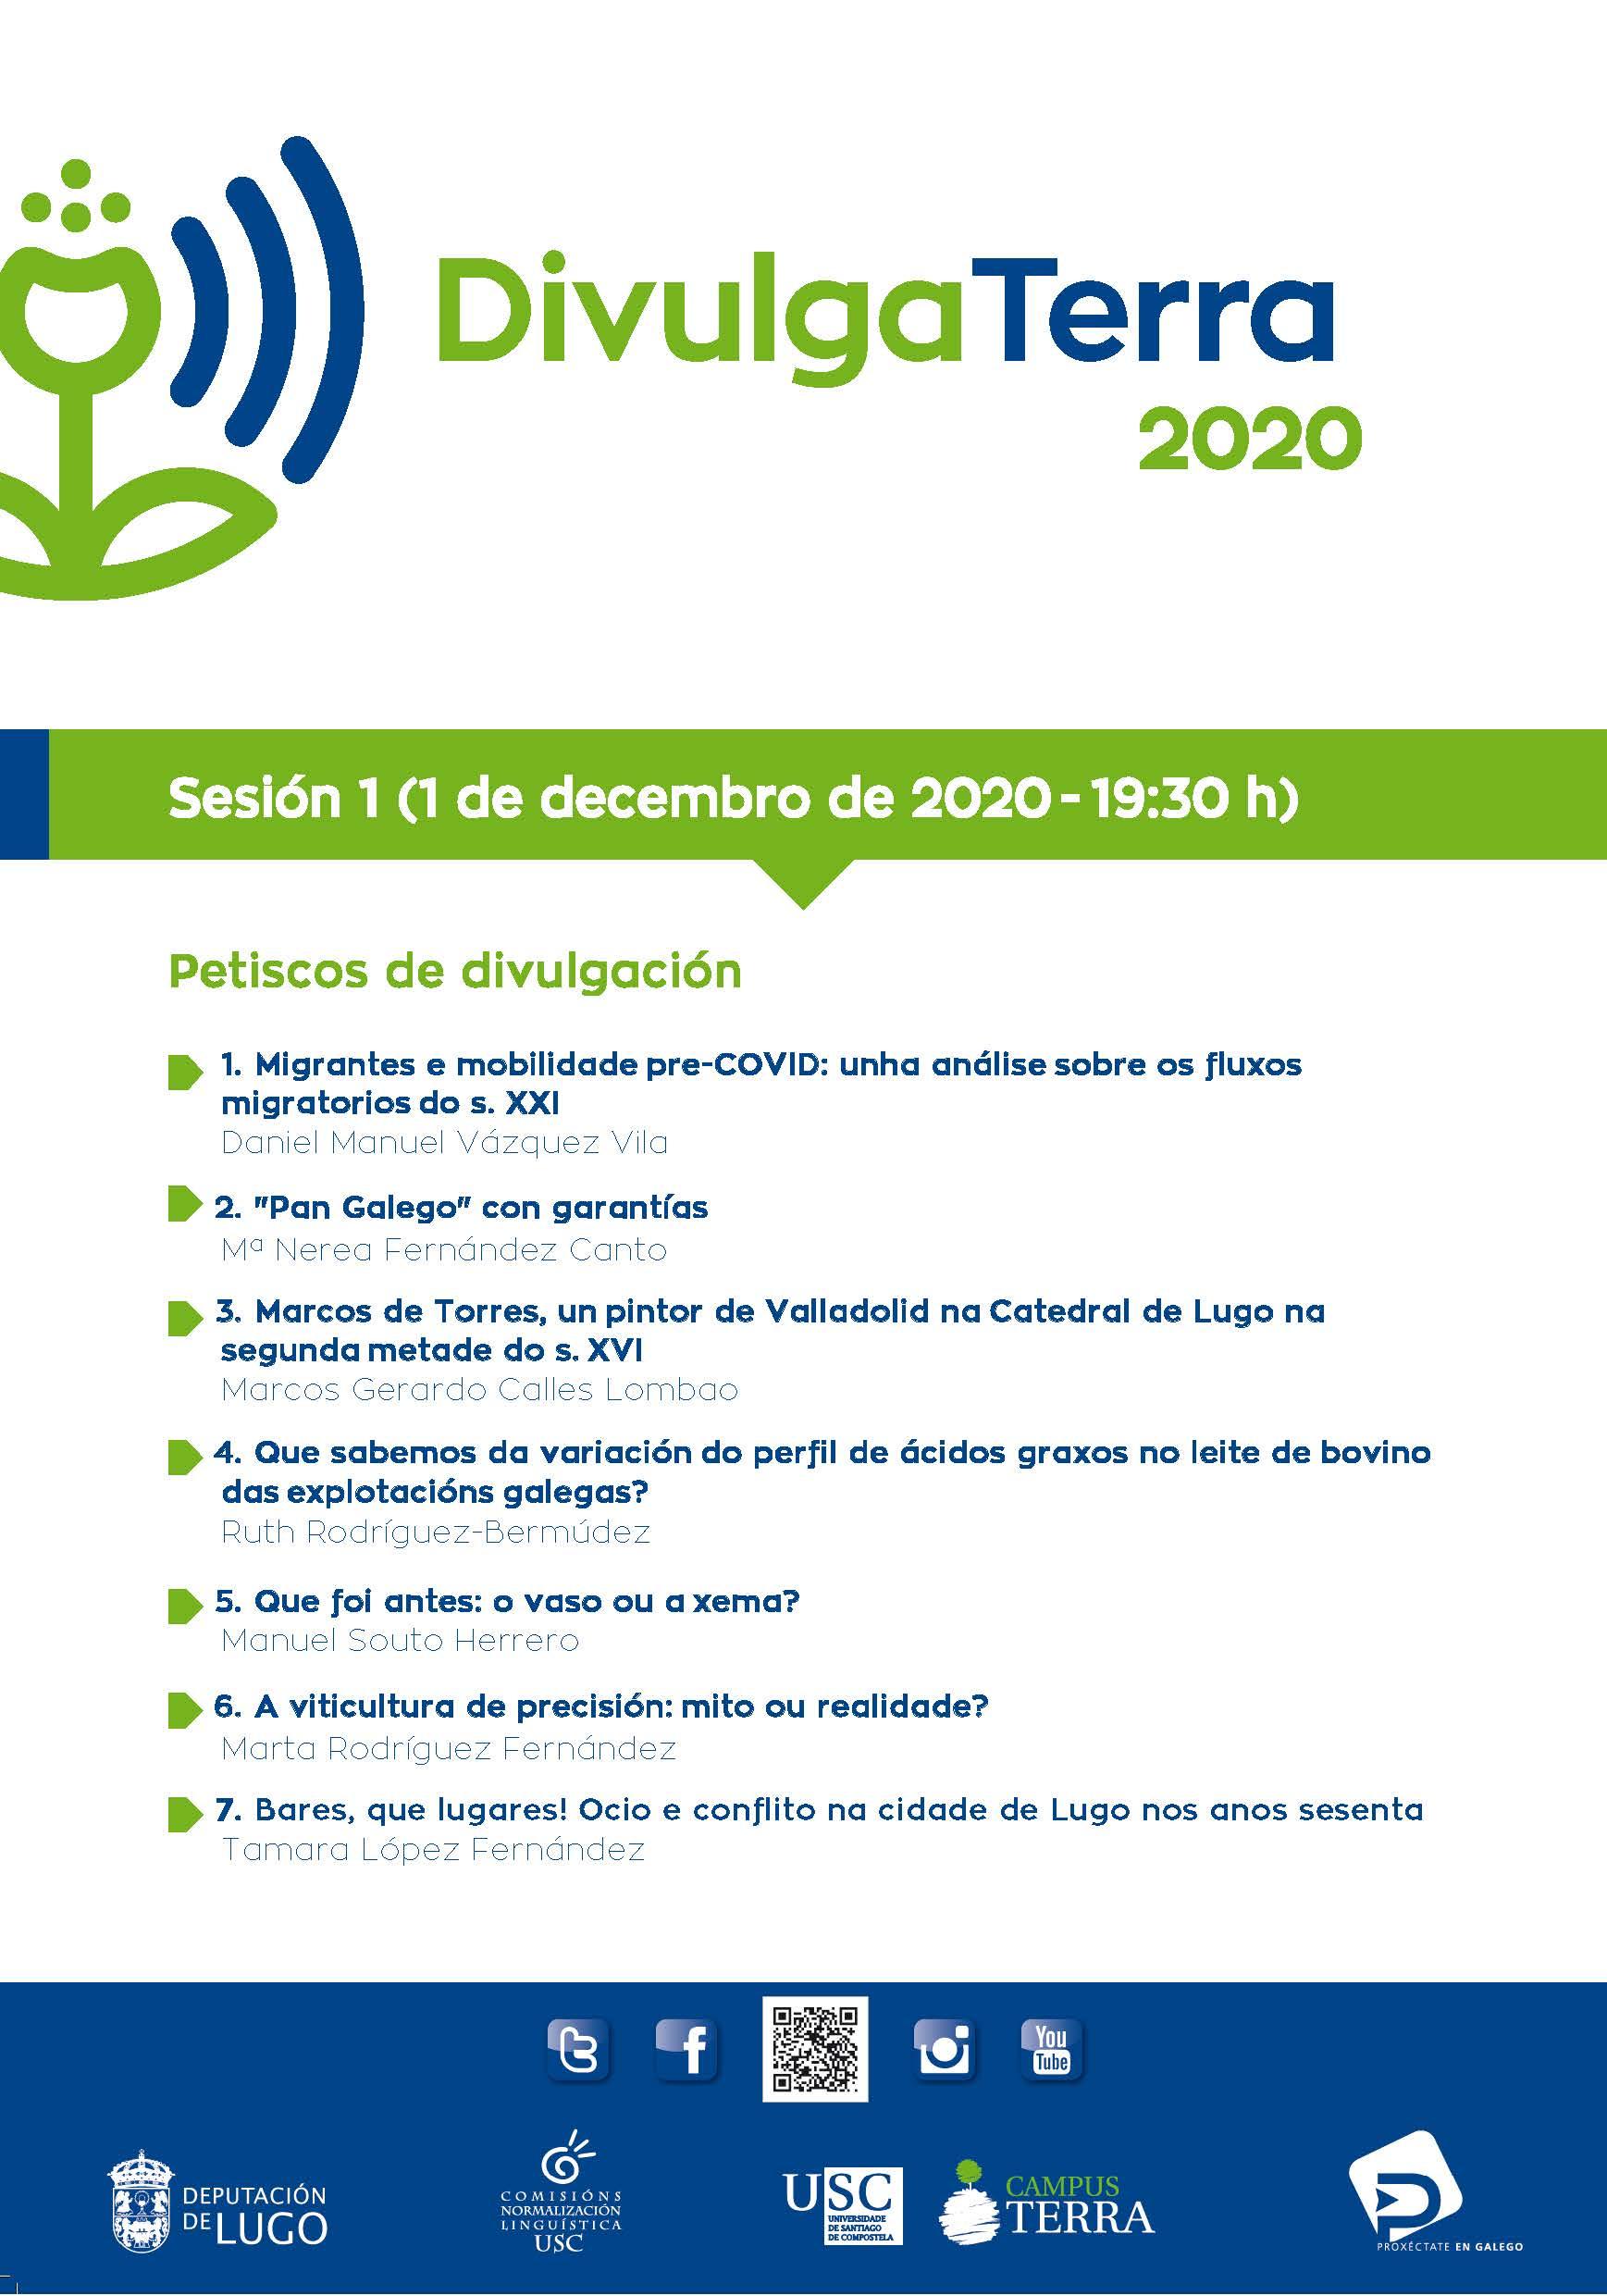 DivulgaTerra 2020